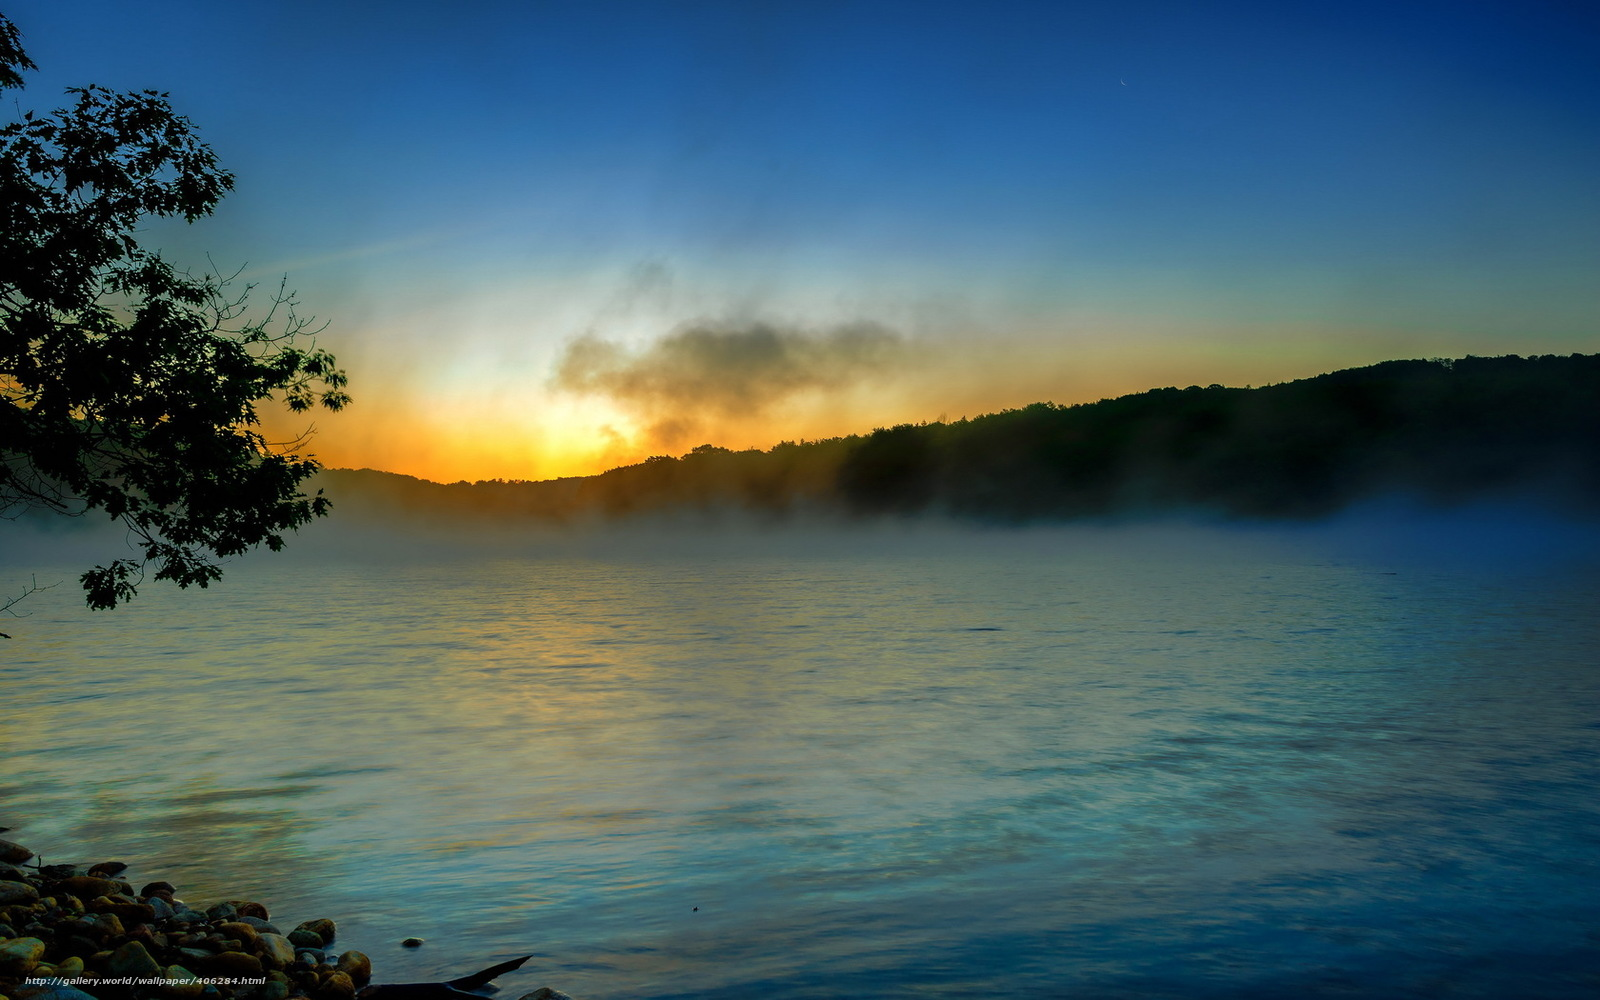 Download wallpaper morning river fog landscape free desktop